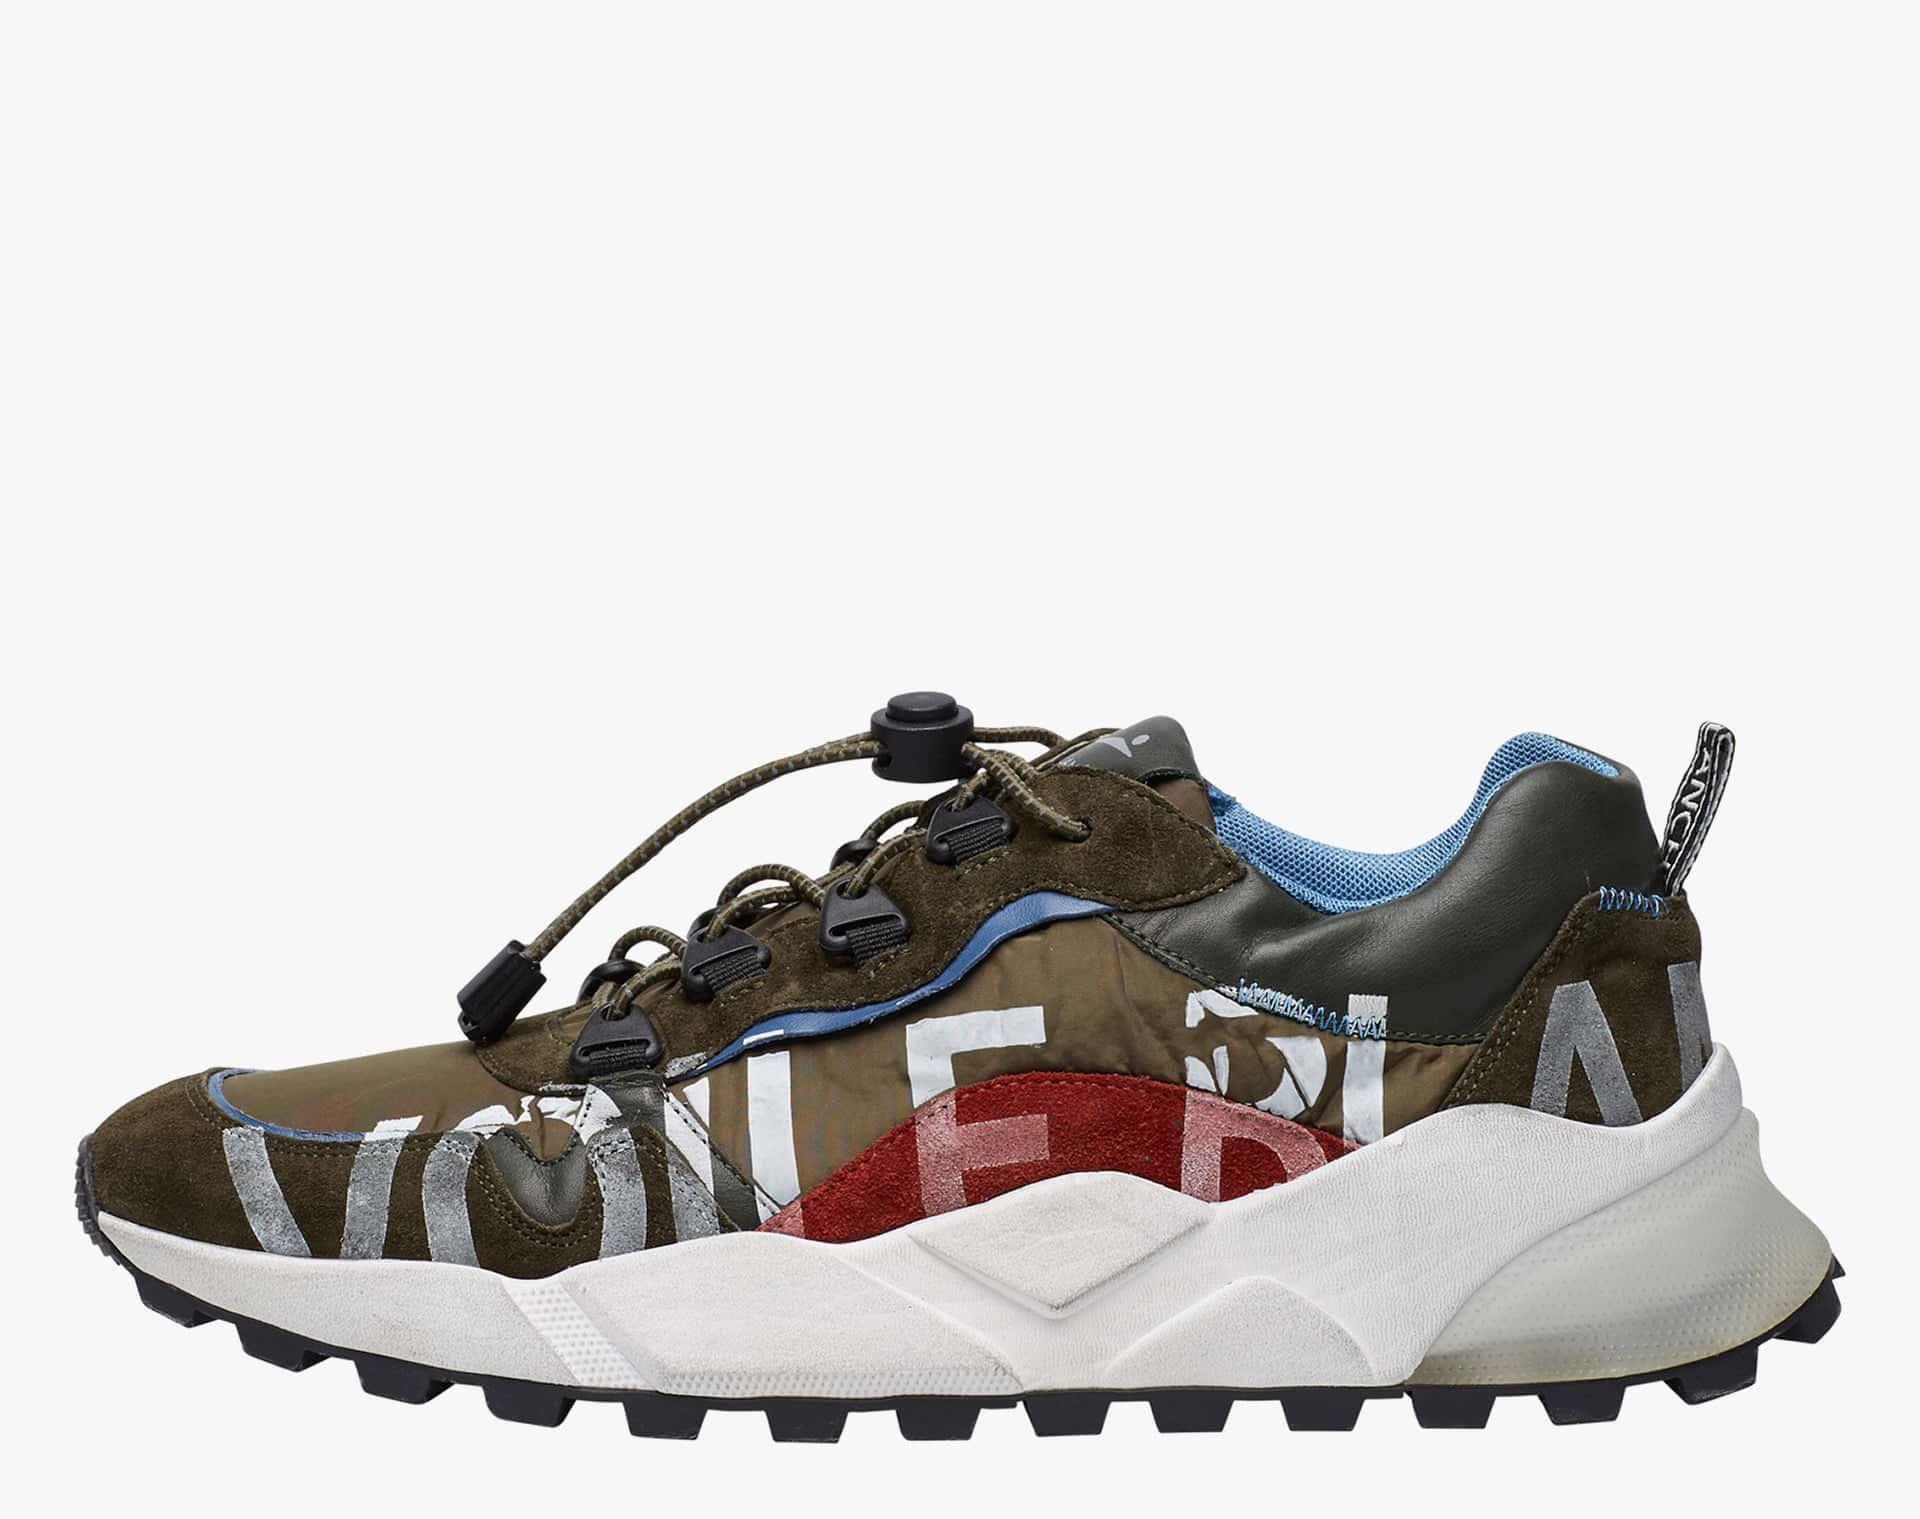 CLUB09 - Sneaker con stampa - Militare